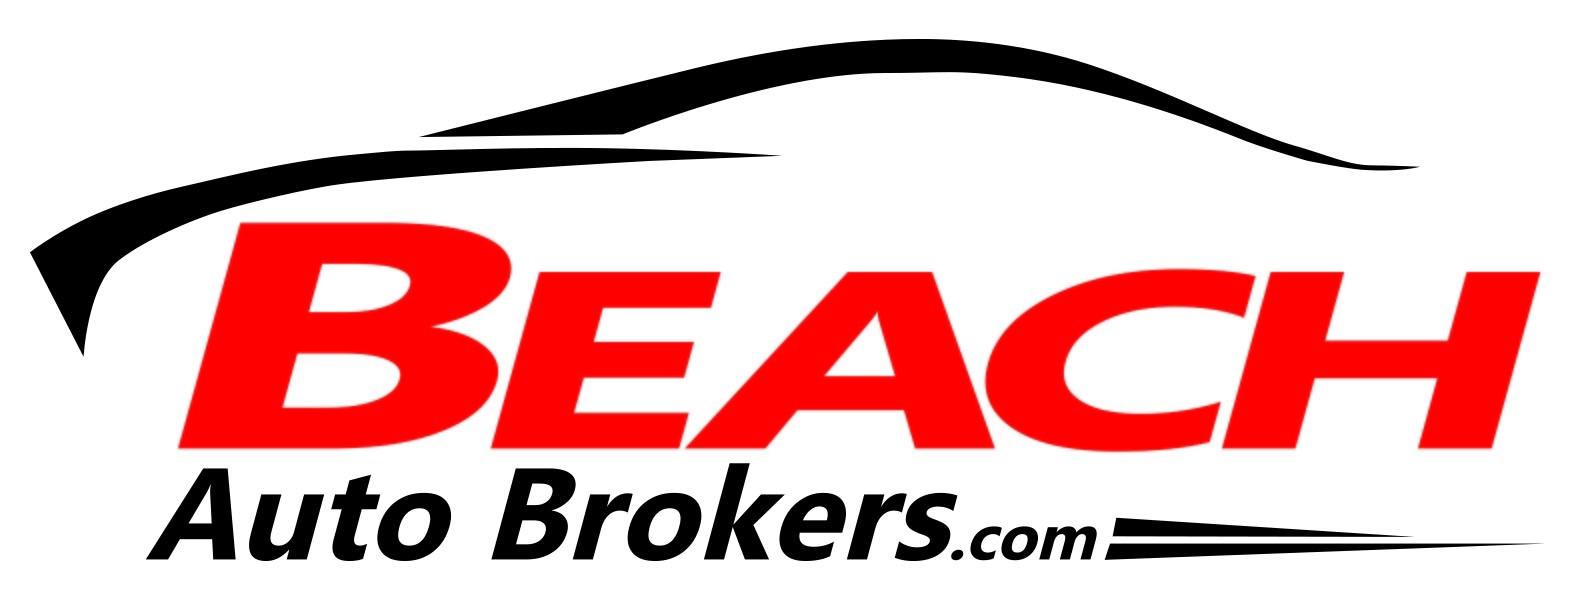 Private Car Dealers In Virginia Beach